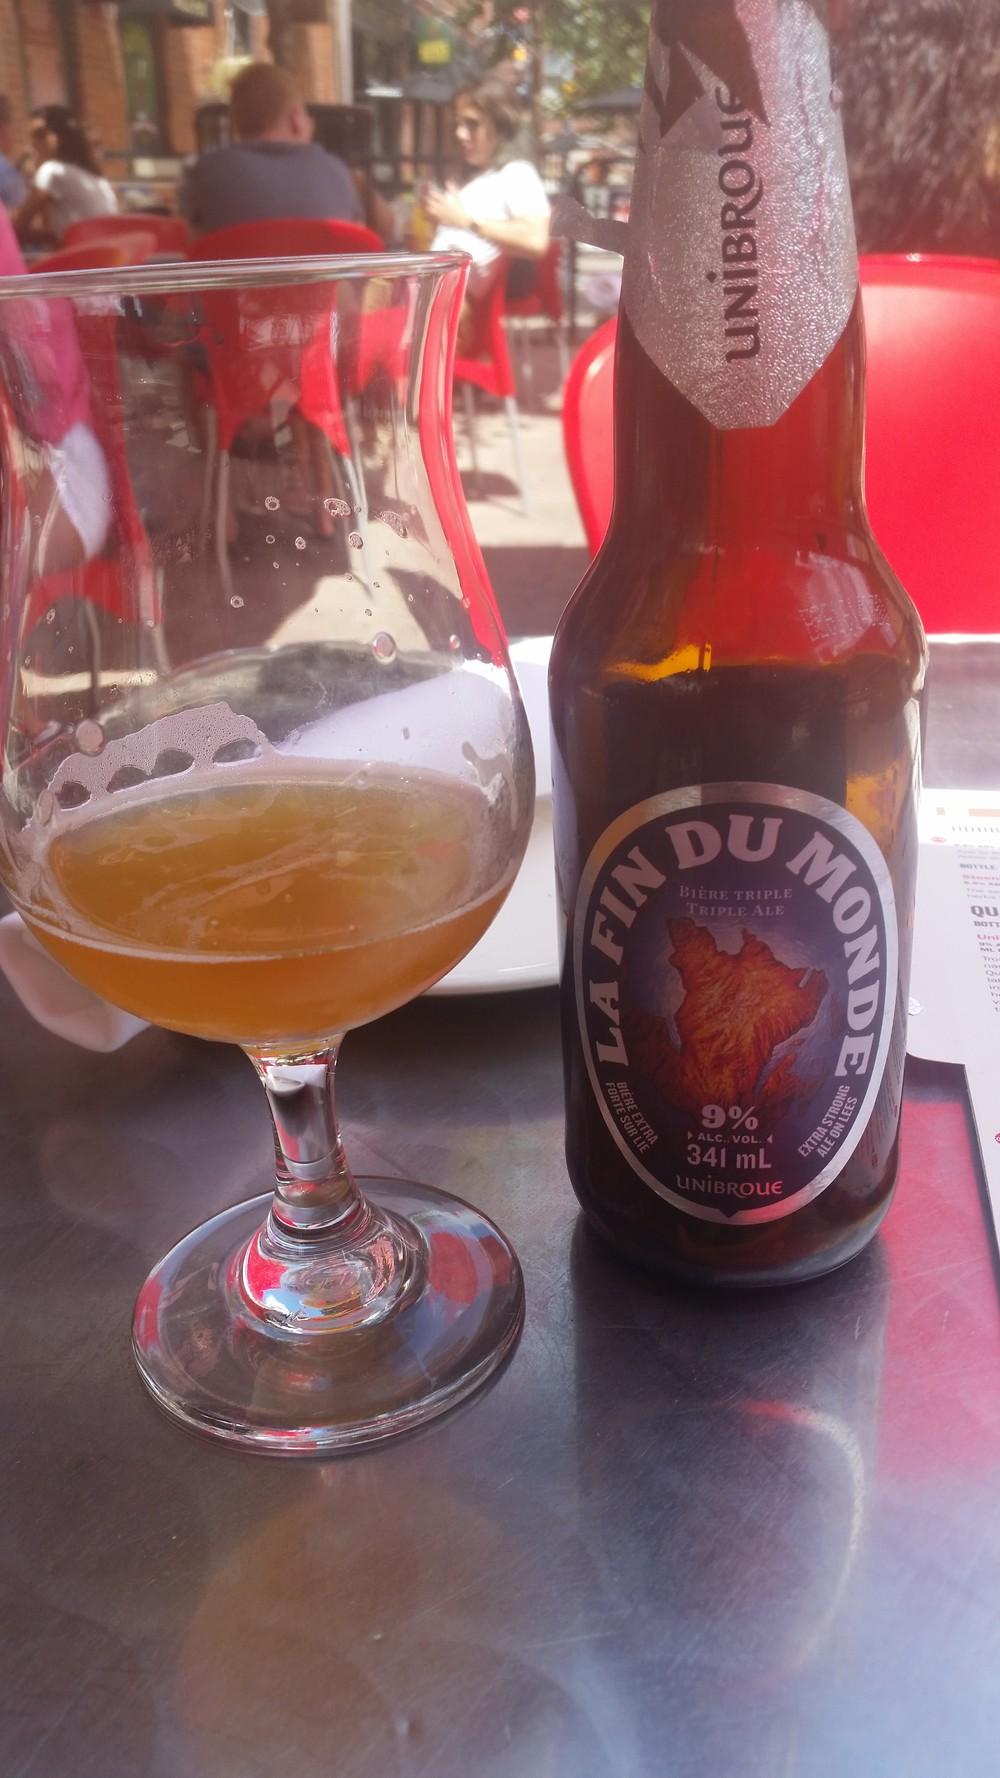 La Fin du Monde (dünyanın sonu) %9 ABV bir strong Ale. İsmi de çok orijinal, 2-3 tane içerseniz hayatınız film şeridi gibi geçebilir.